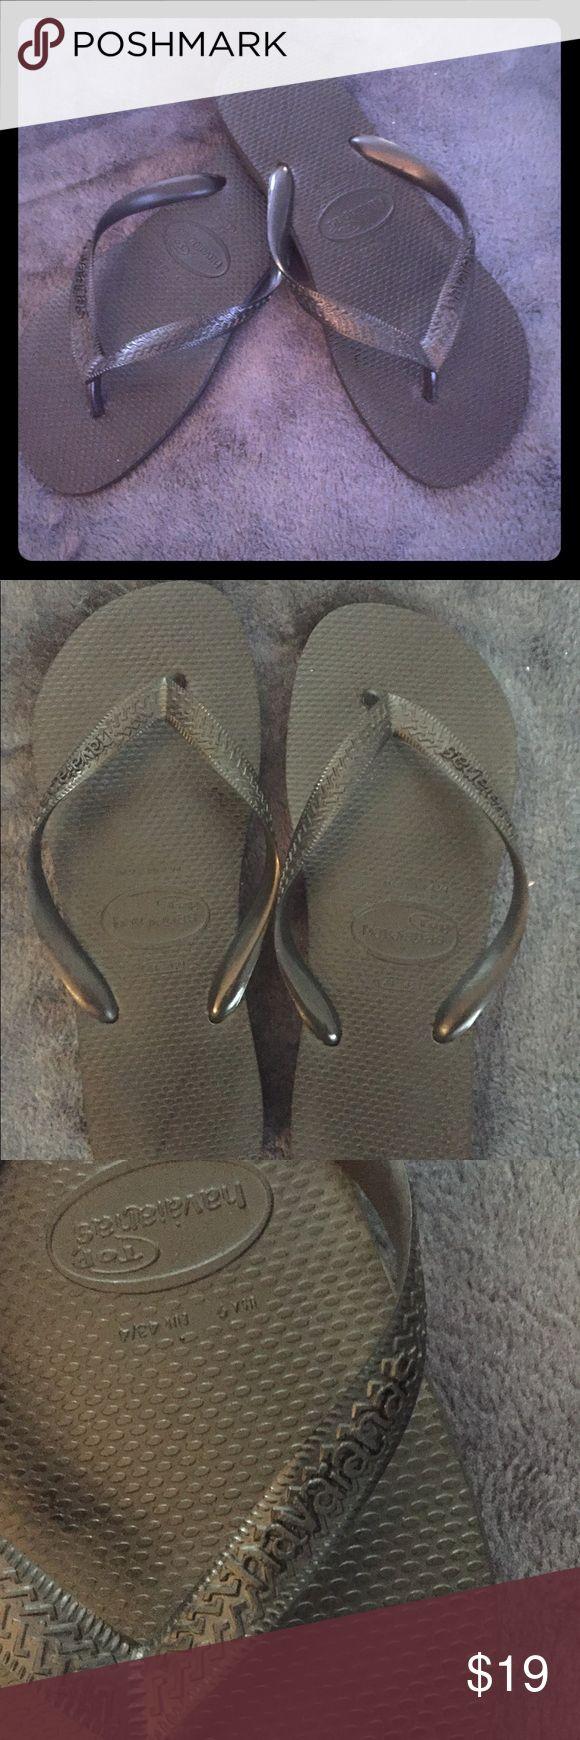 havaianas.com - Black Rubber Flip-Flops NWOT havaianas.com - Black Rubber Flip-Flops NWOT  Men's Size 9 Havaianas Shoes Sandals & Flip-Flops